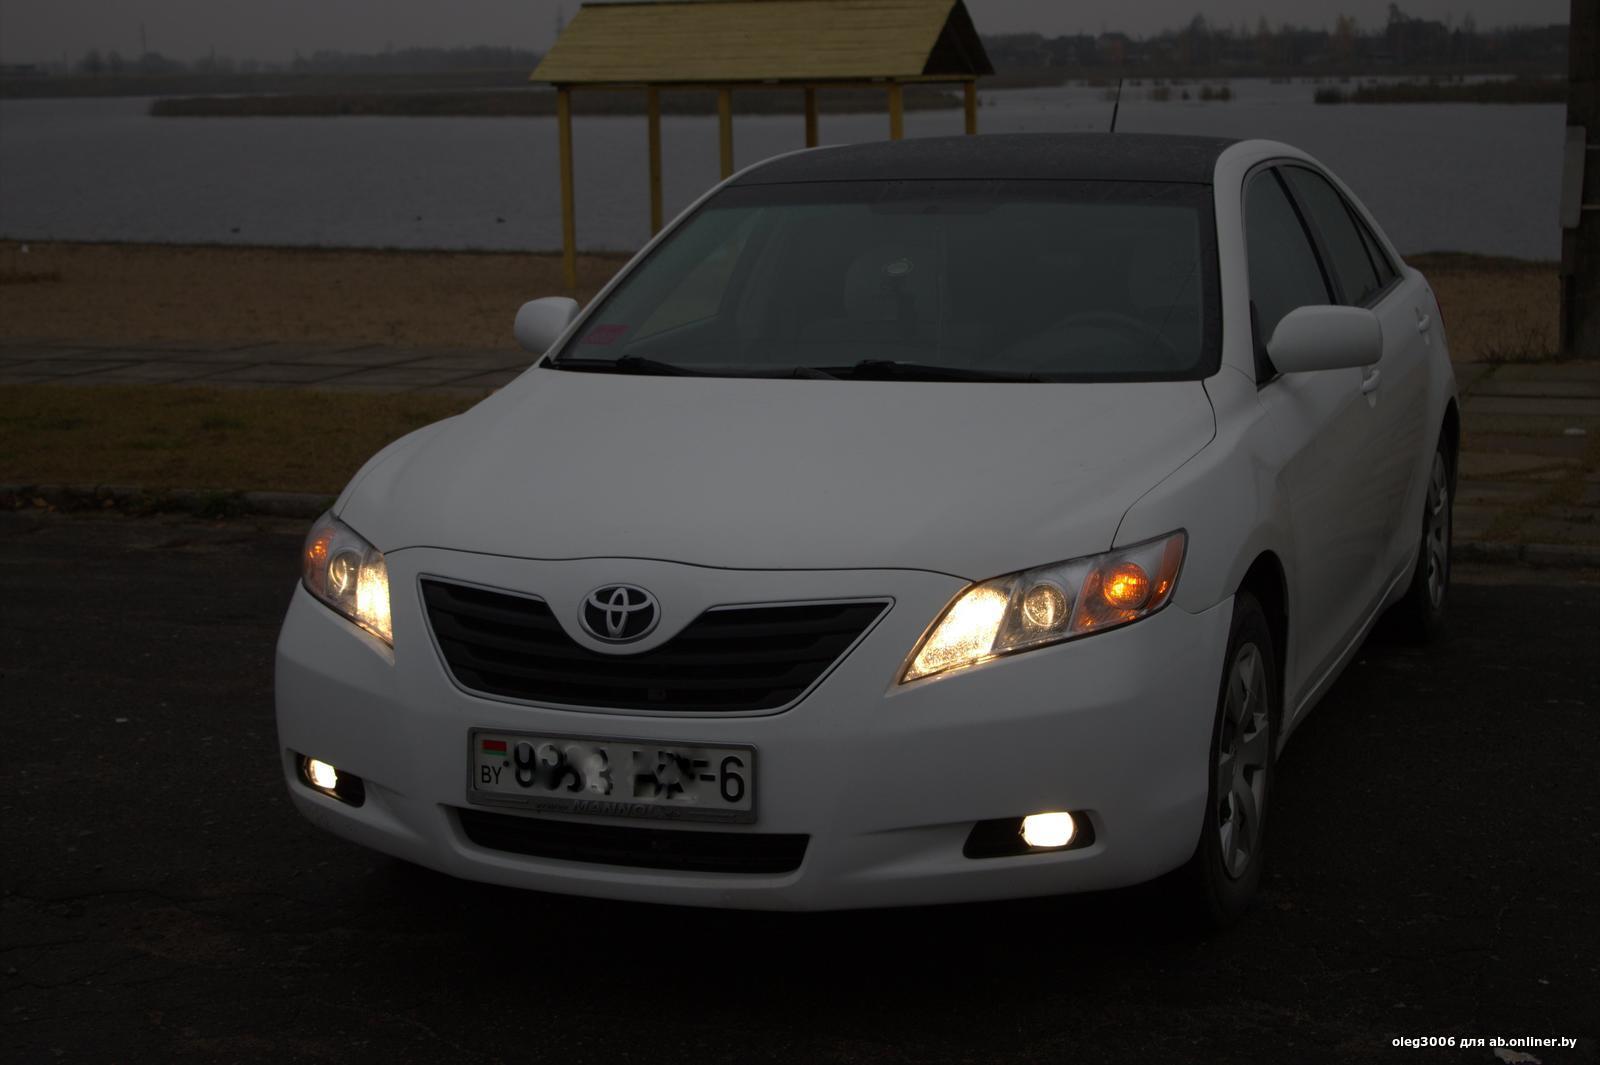 Toyota Camry СЕ